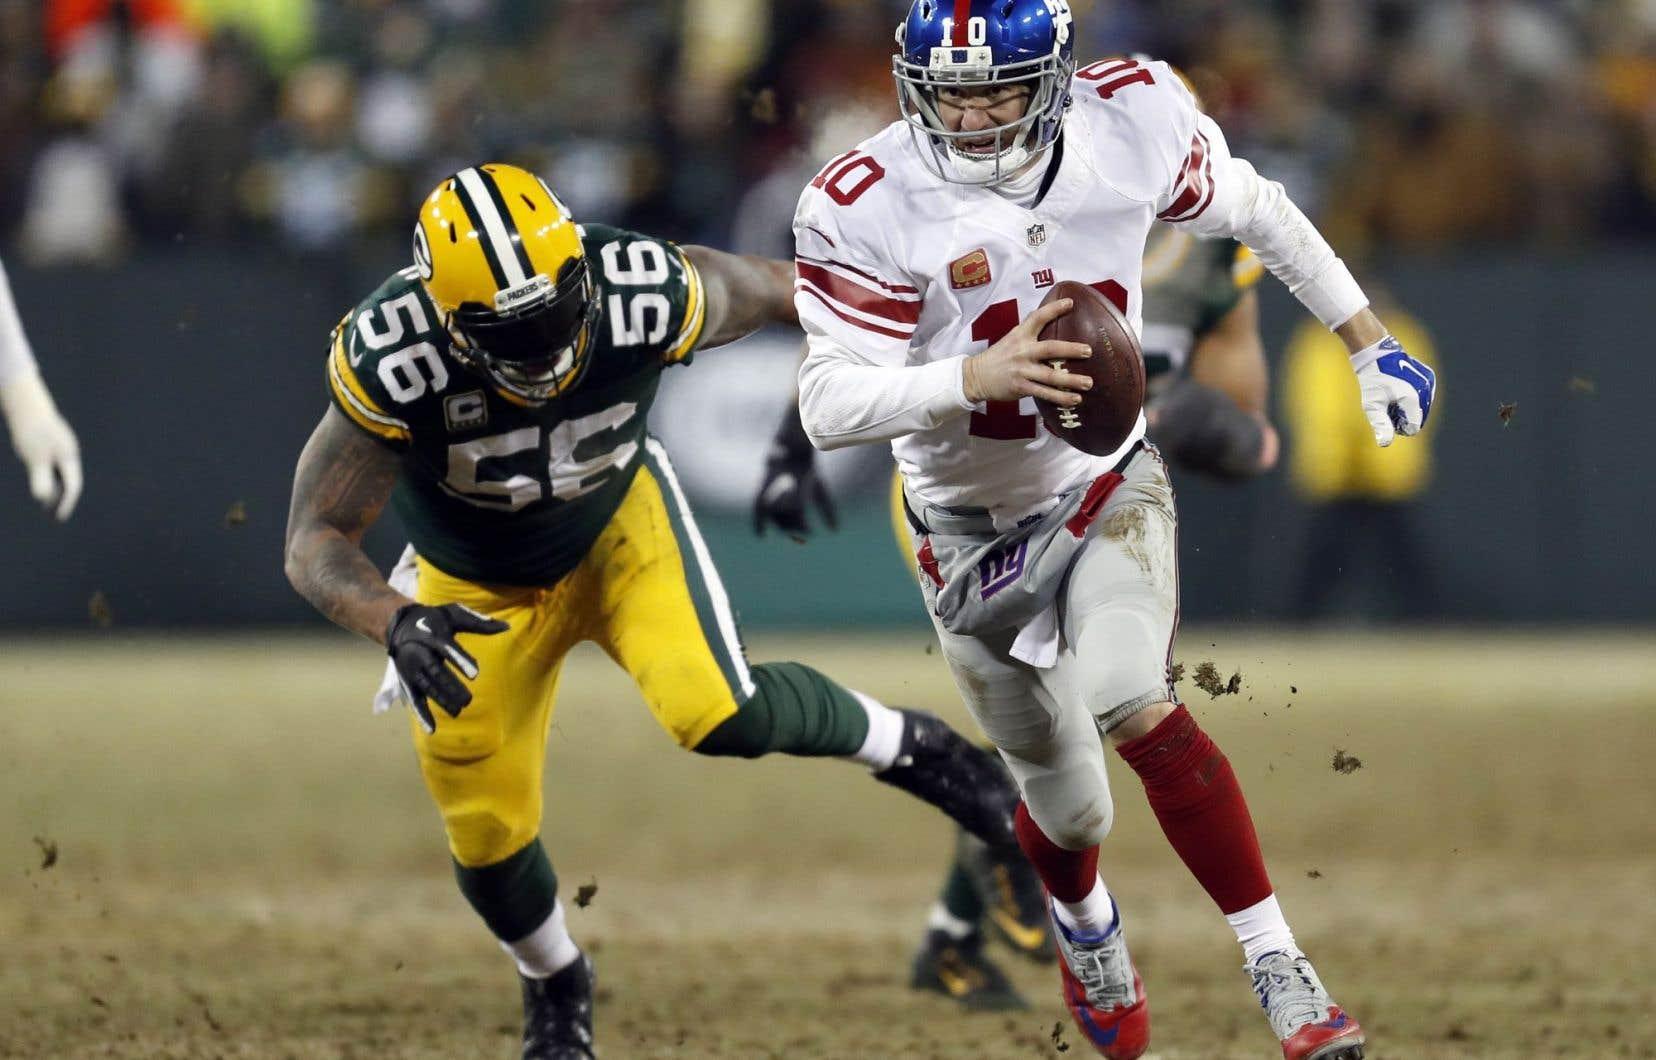 Le quart-arrière des Giants de New York Eli Manning (10) et le secondeur extérieur des Packers de Green Bay Julius Peppers (56).